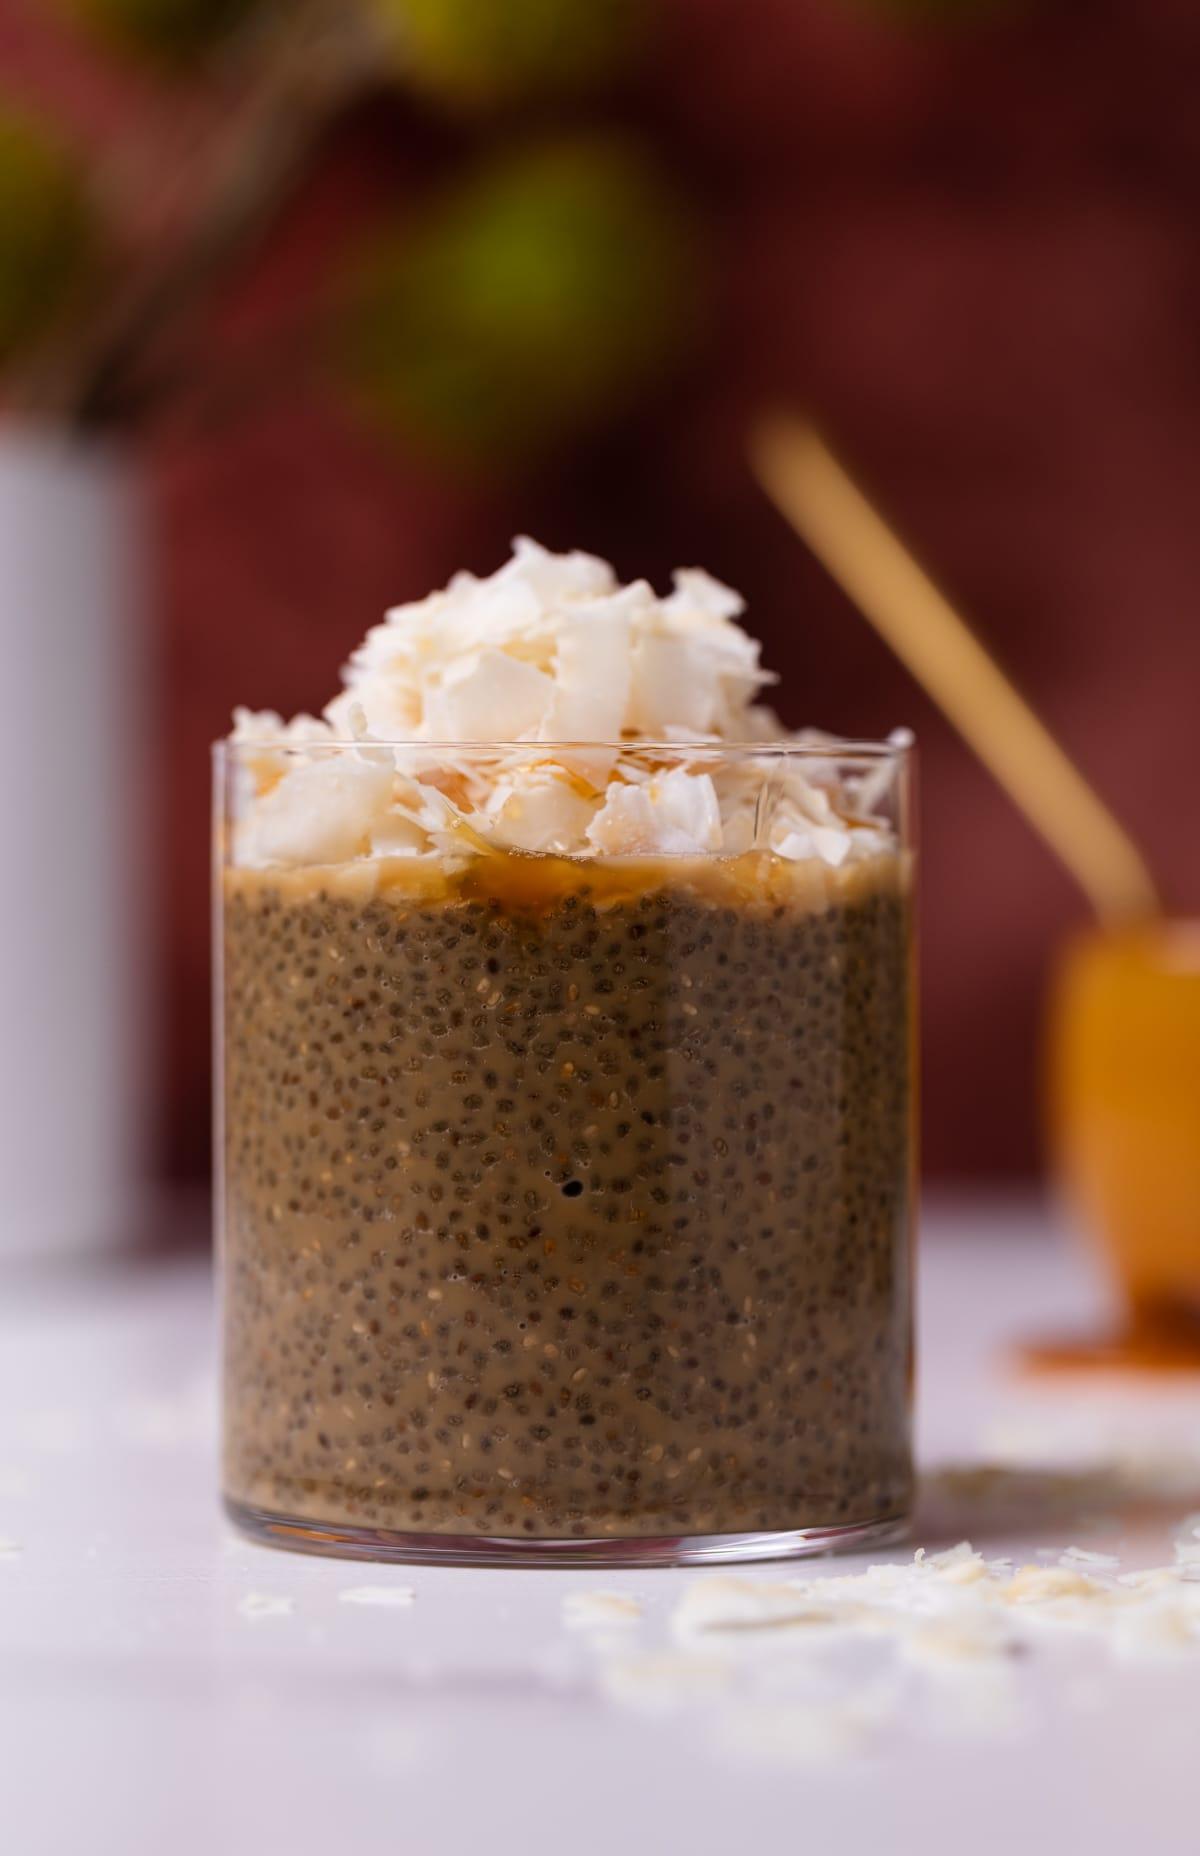 Caramel Macchiato Chia Pudding + Coconut in a glass